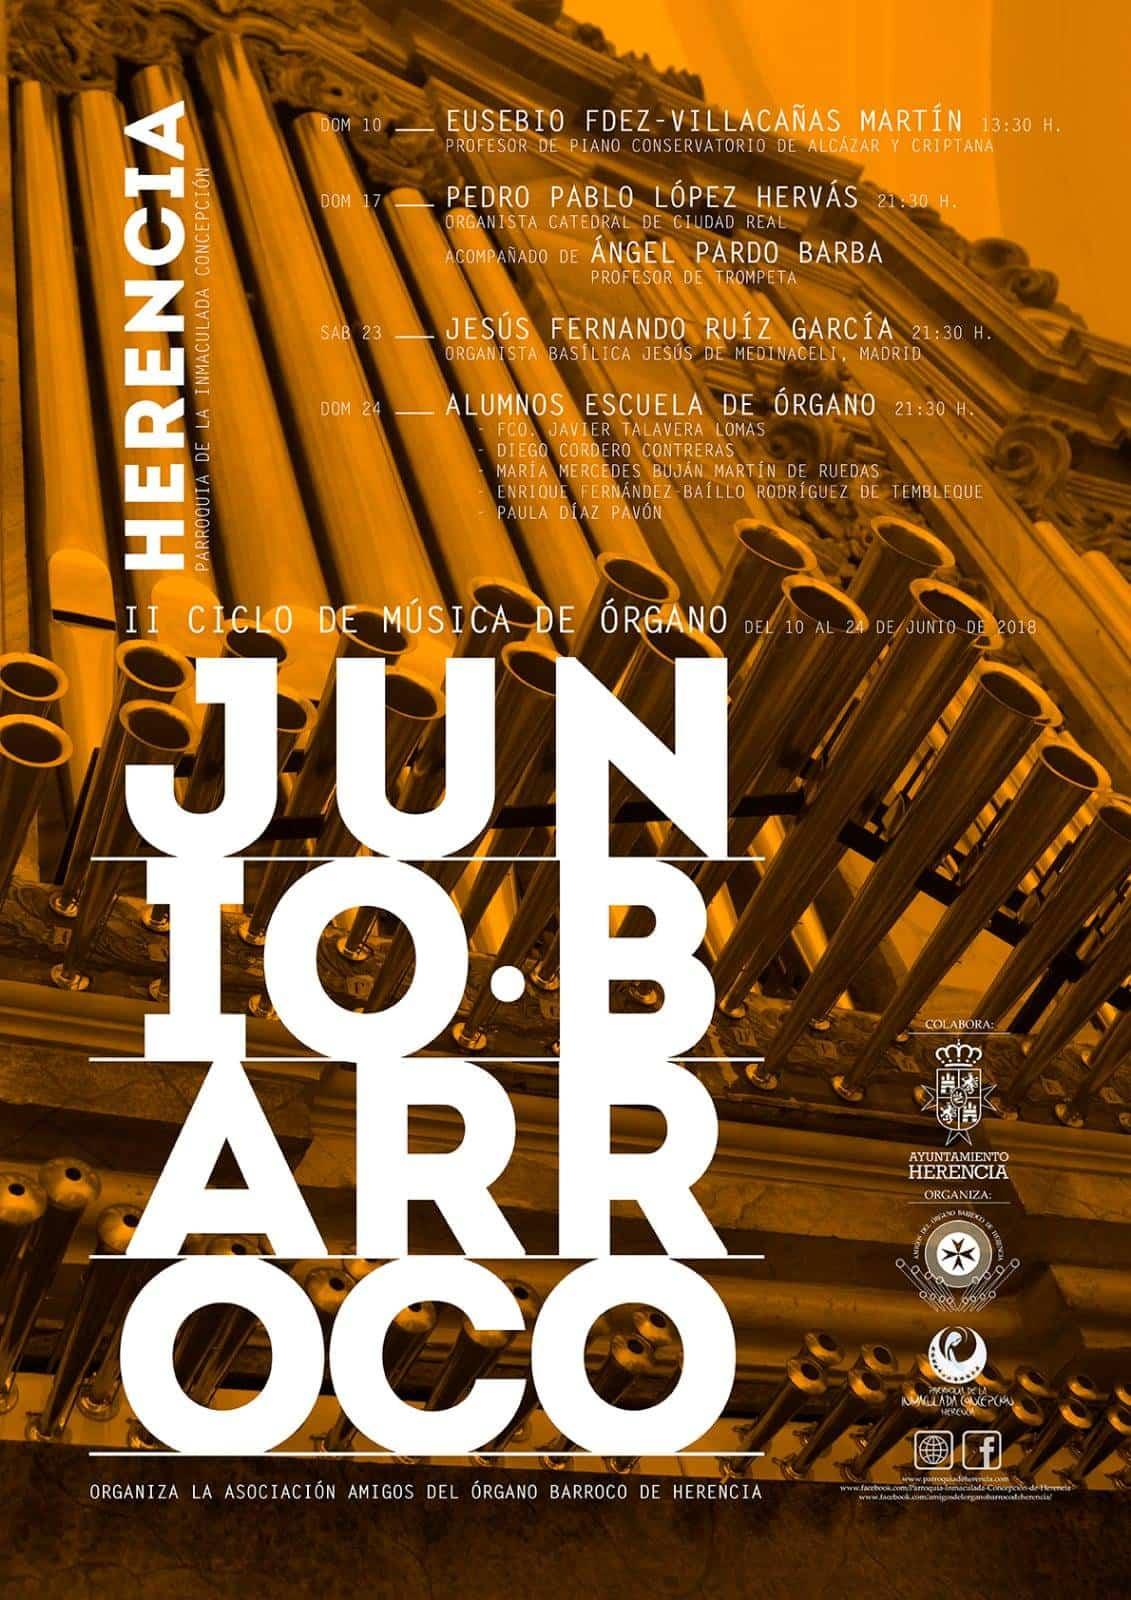 Junio Barroco 2018 organo barroco herencia - Eusebio Fernández-Villacañas tocará el órgano barroco de Herencia